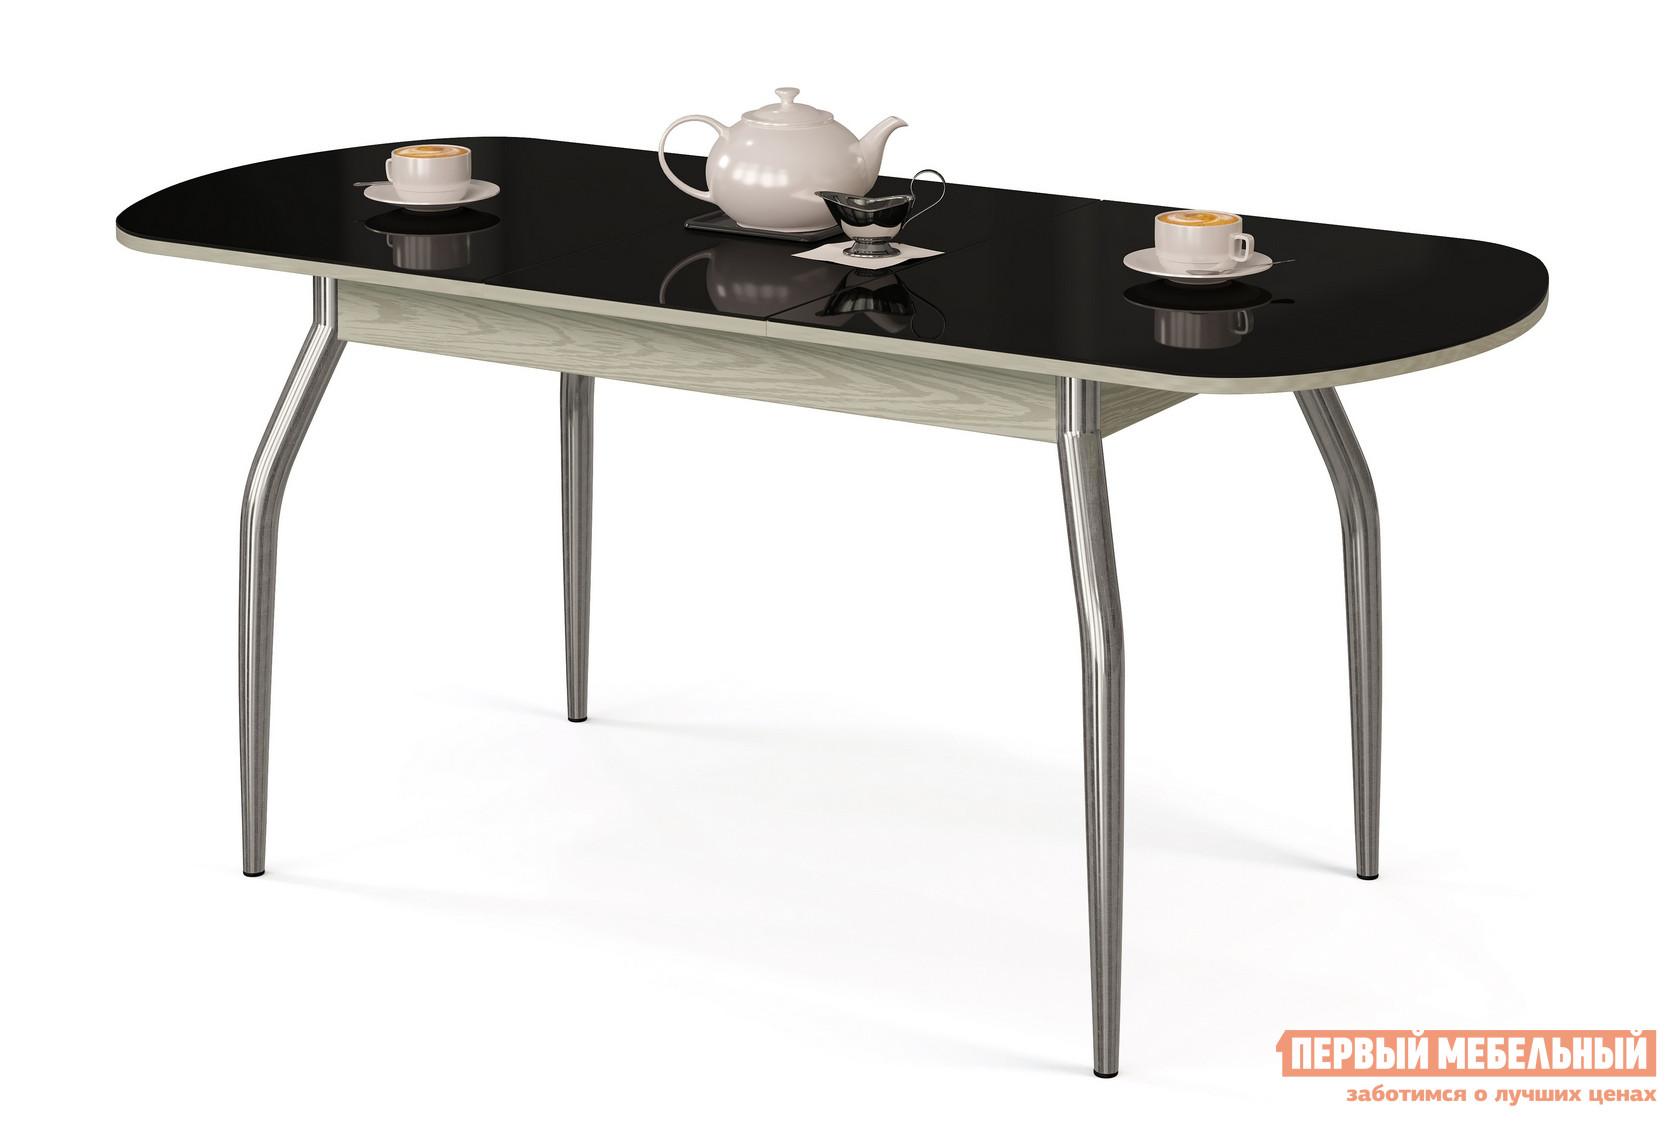 Кухонный стол МегаЭлатон Сиена-Стекло Черный, Каштан минск